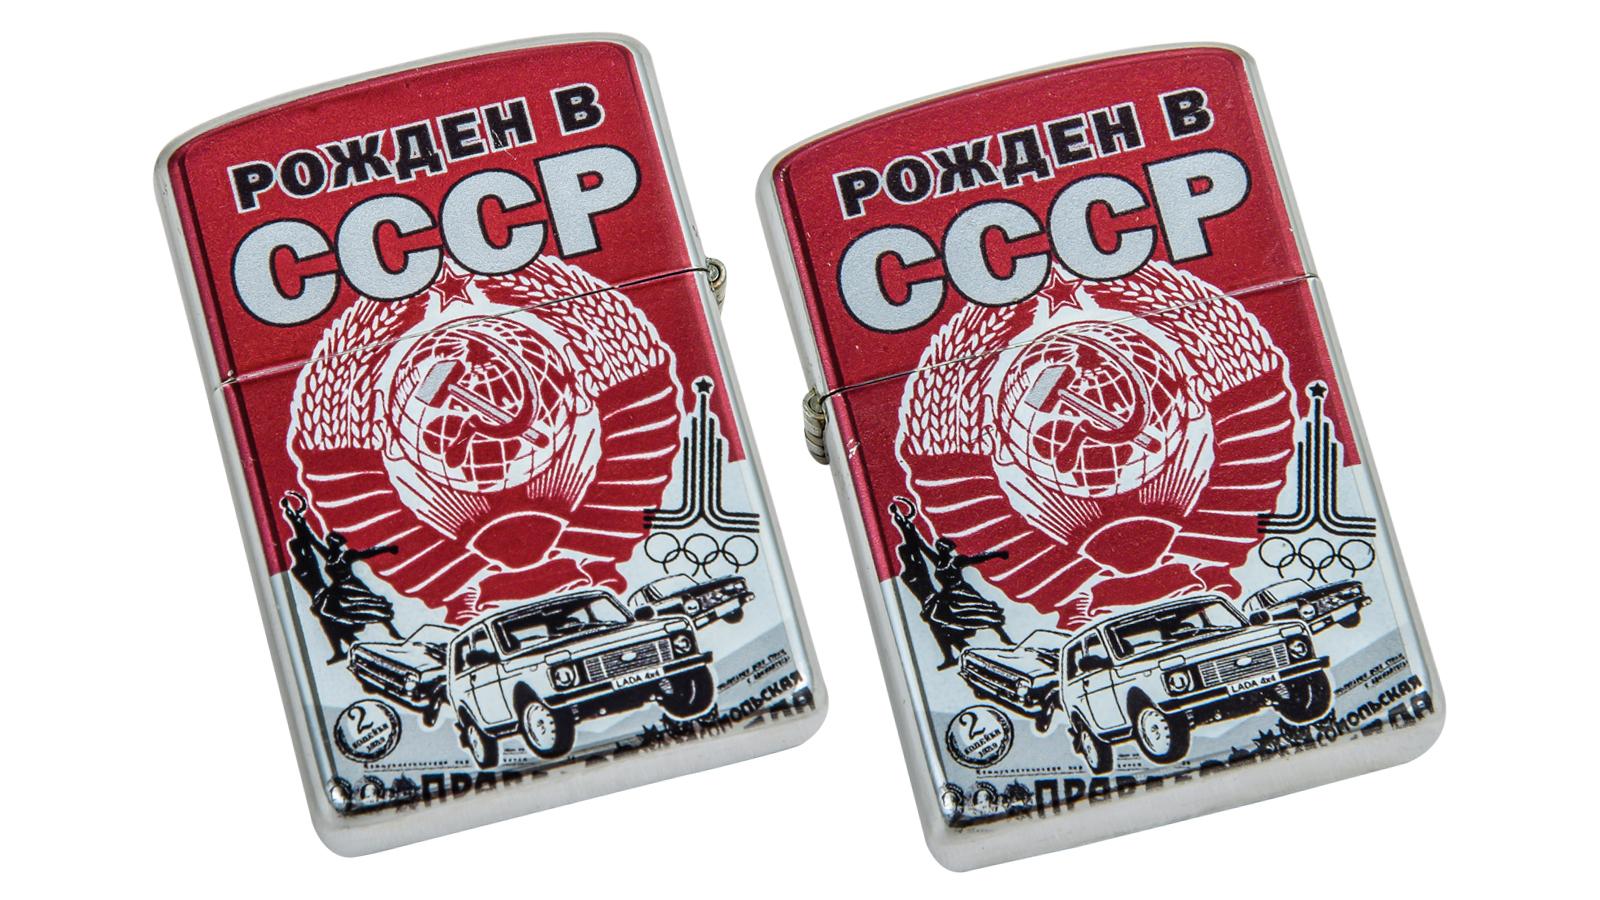 Зажигалка оригинальная бензиновая Рожден в СССР